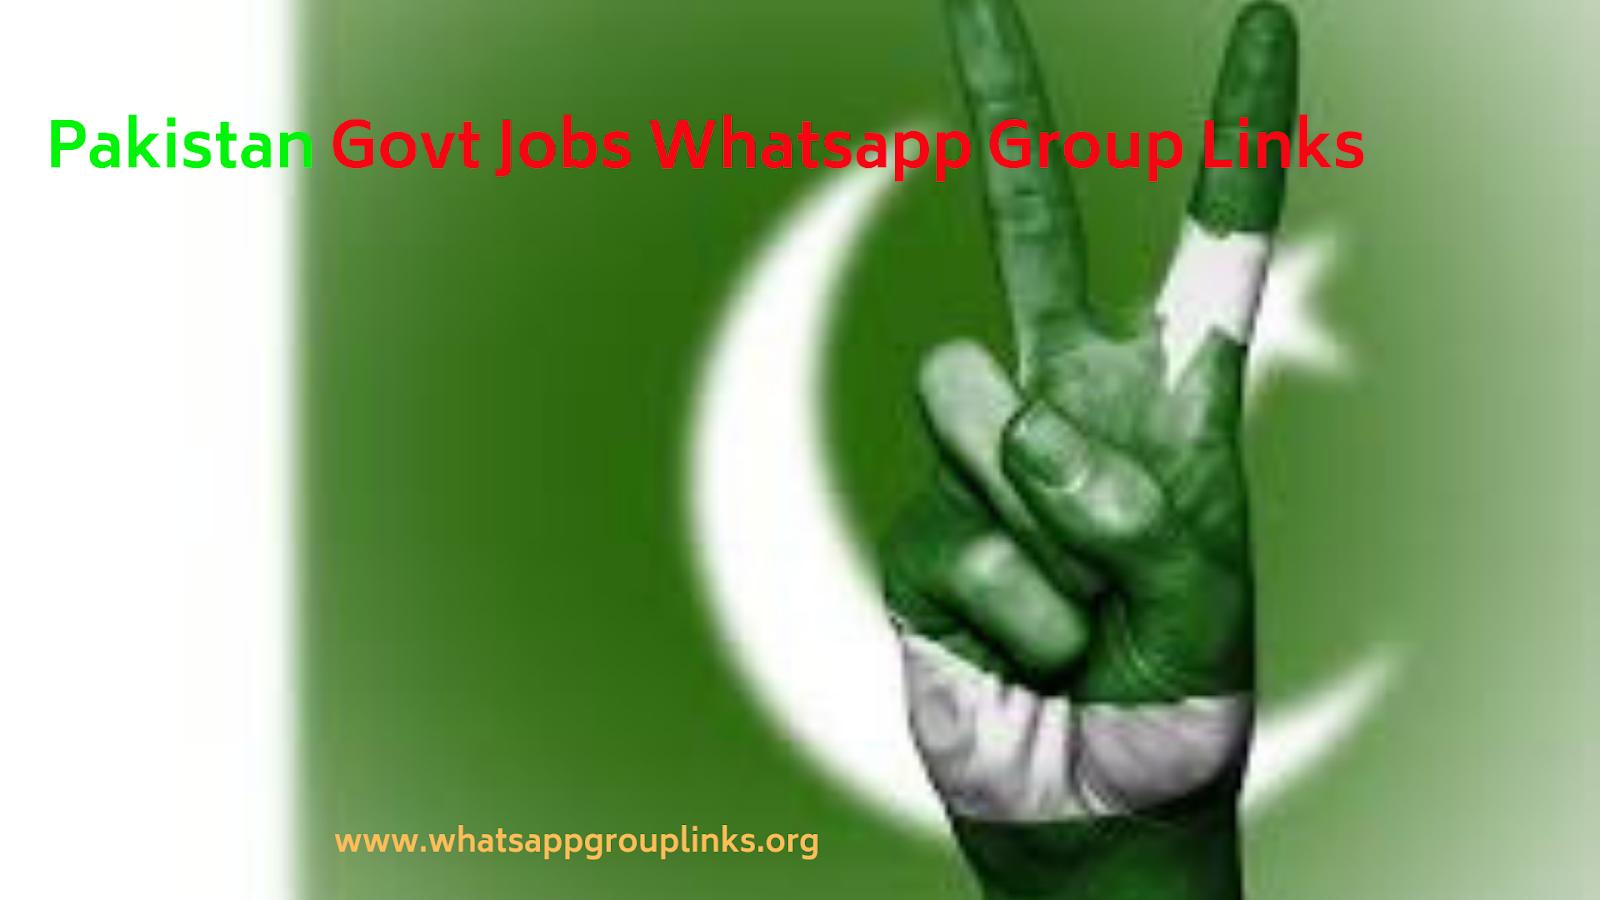 Pakistani whatsapp chat group link